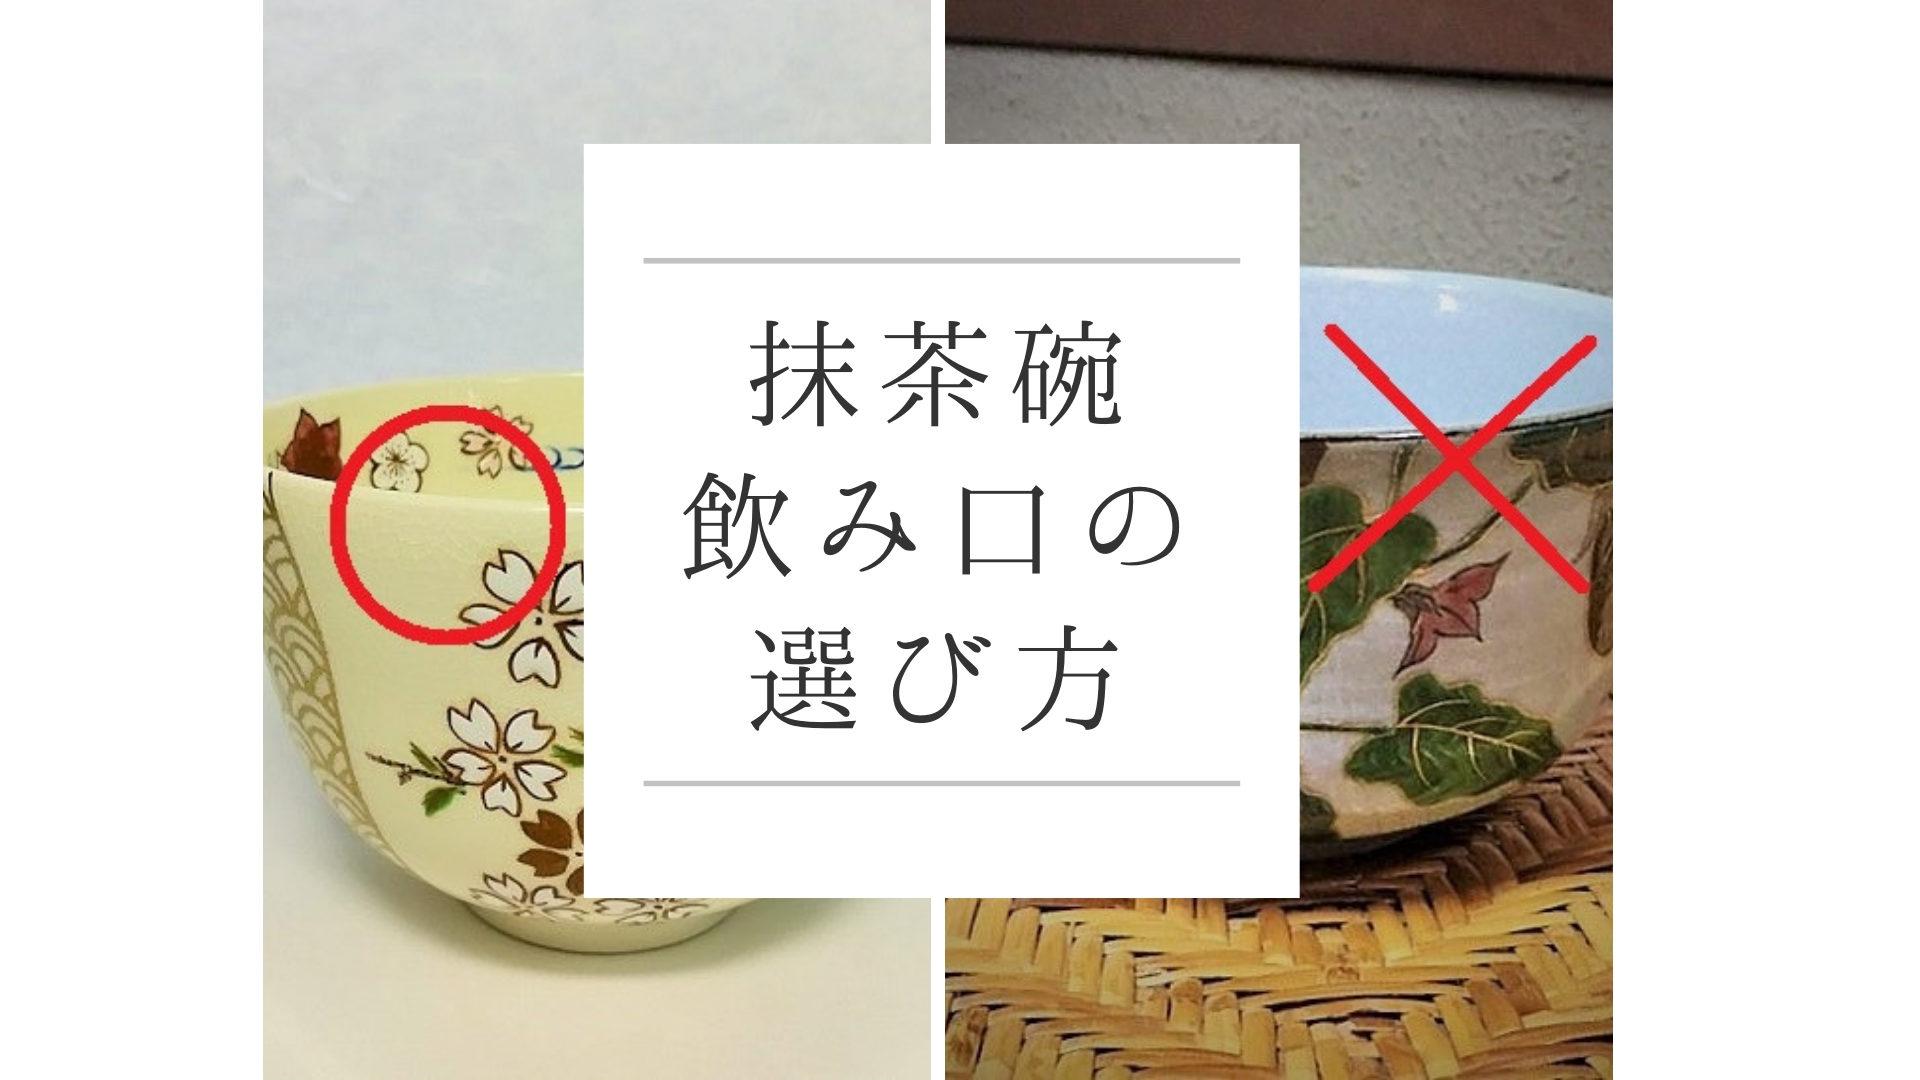 抹茶碗の飲み口の選び方のアイキャッチ画像